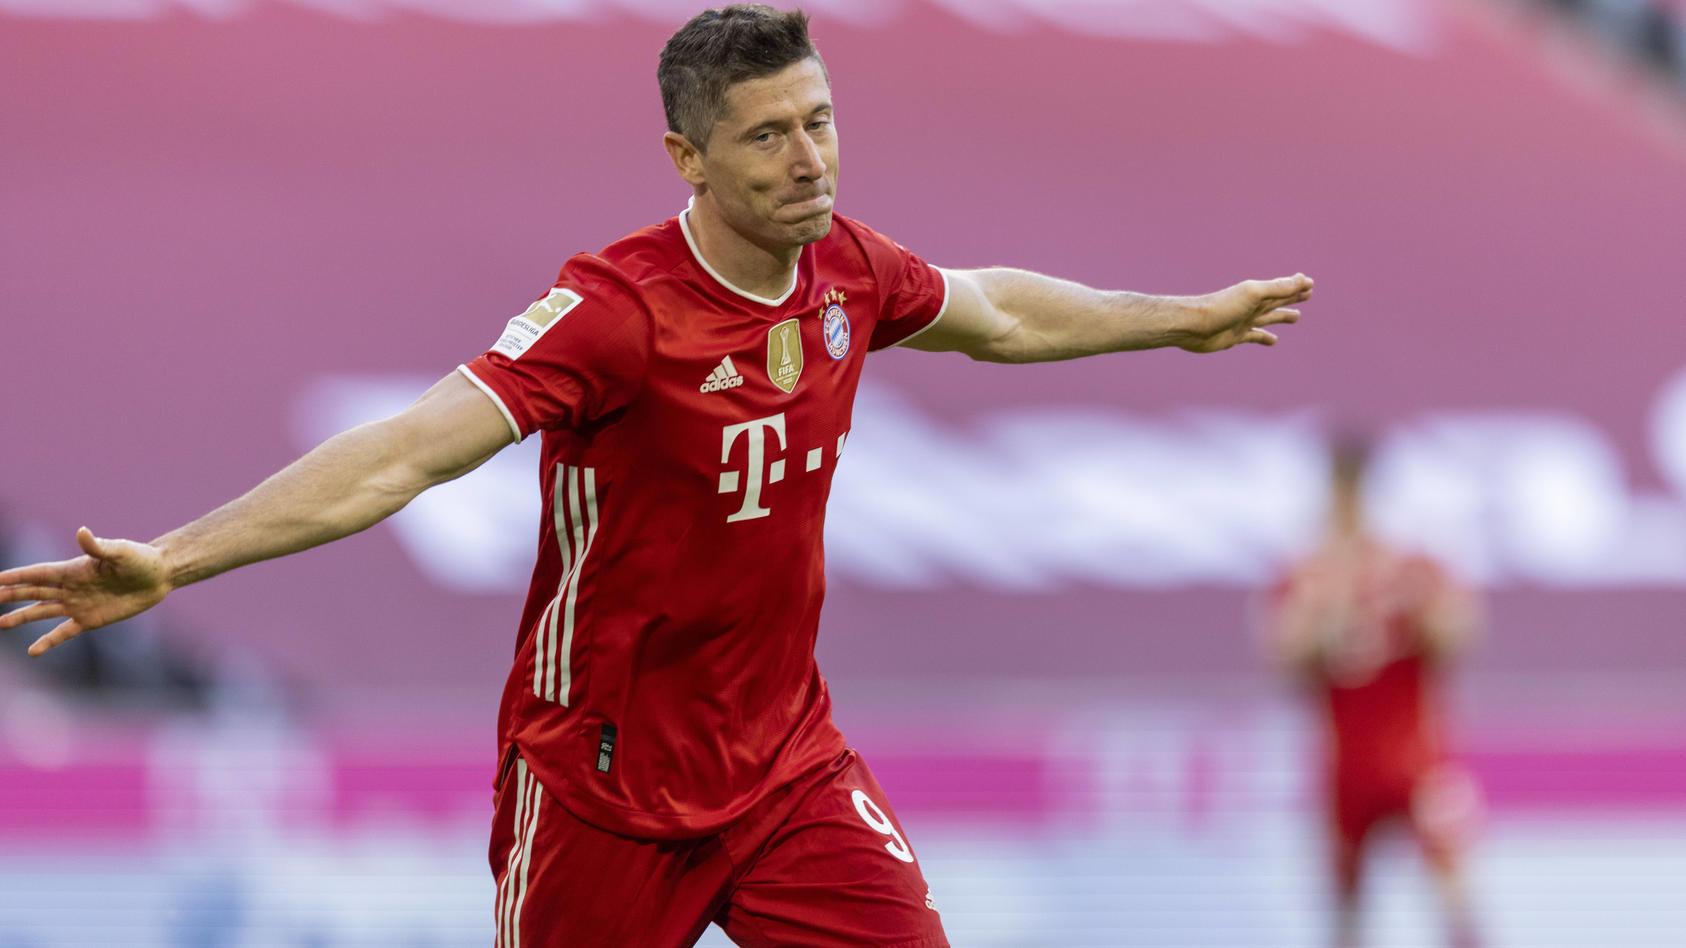 Robert Lewandowski hat zwei Spieltage vor Schluss schon 39 Tore auf seinem Konto